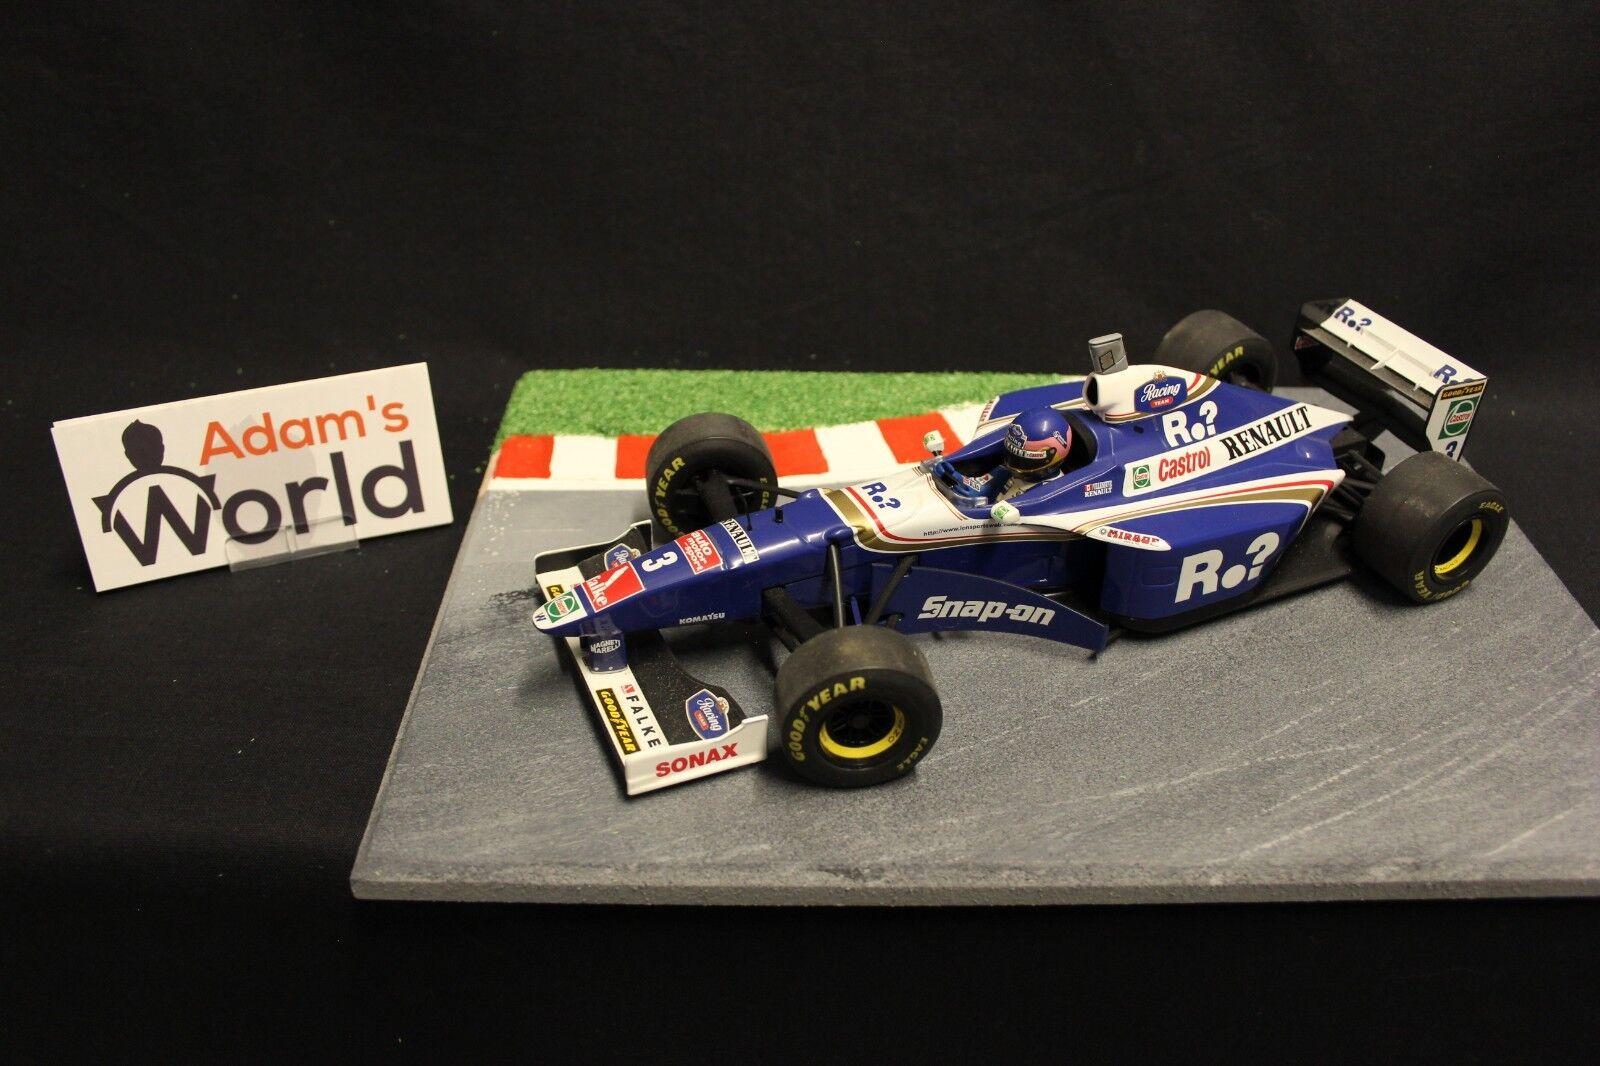 Minichamps Williams Renault FW19 1997 1:18  3 Jacques Villeneuve  CAN   F1NB